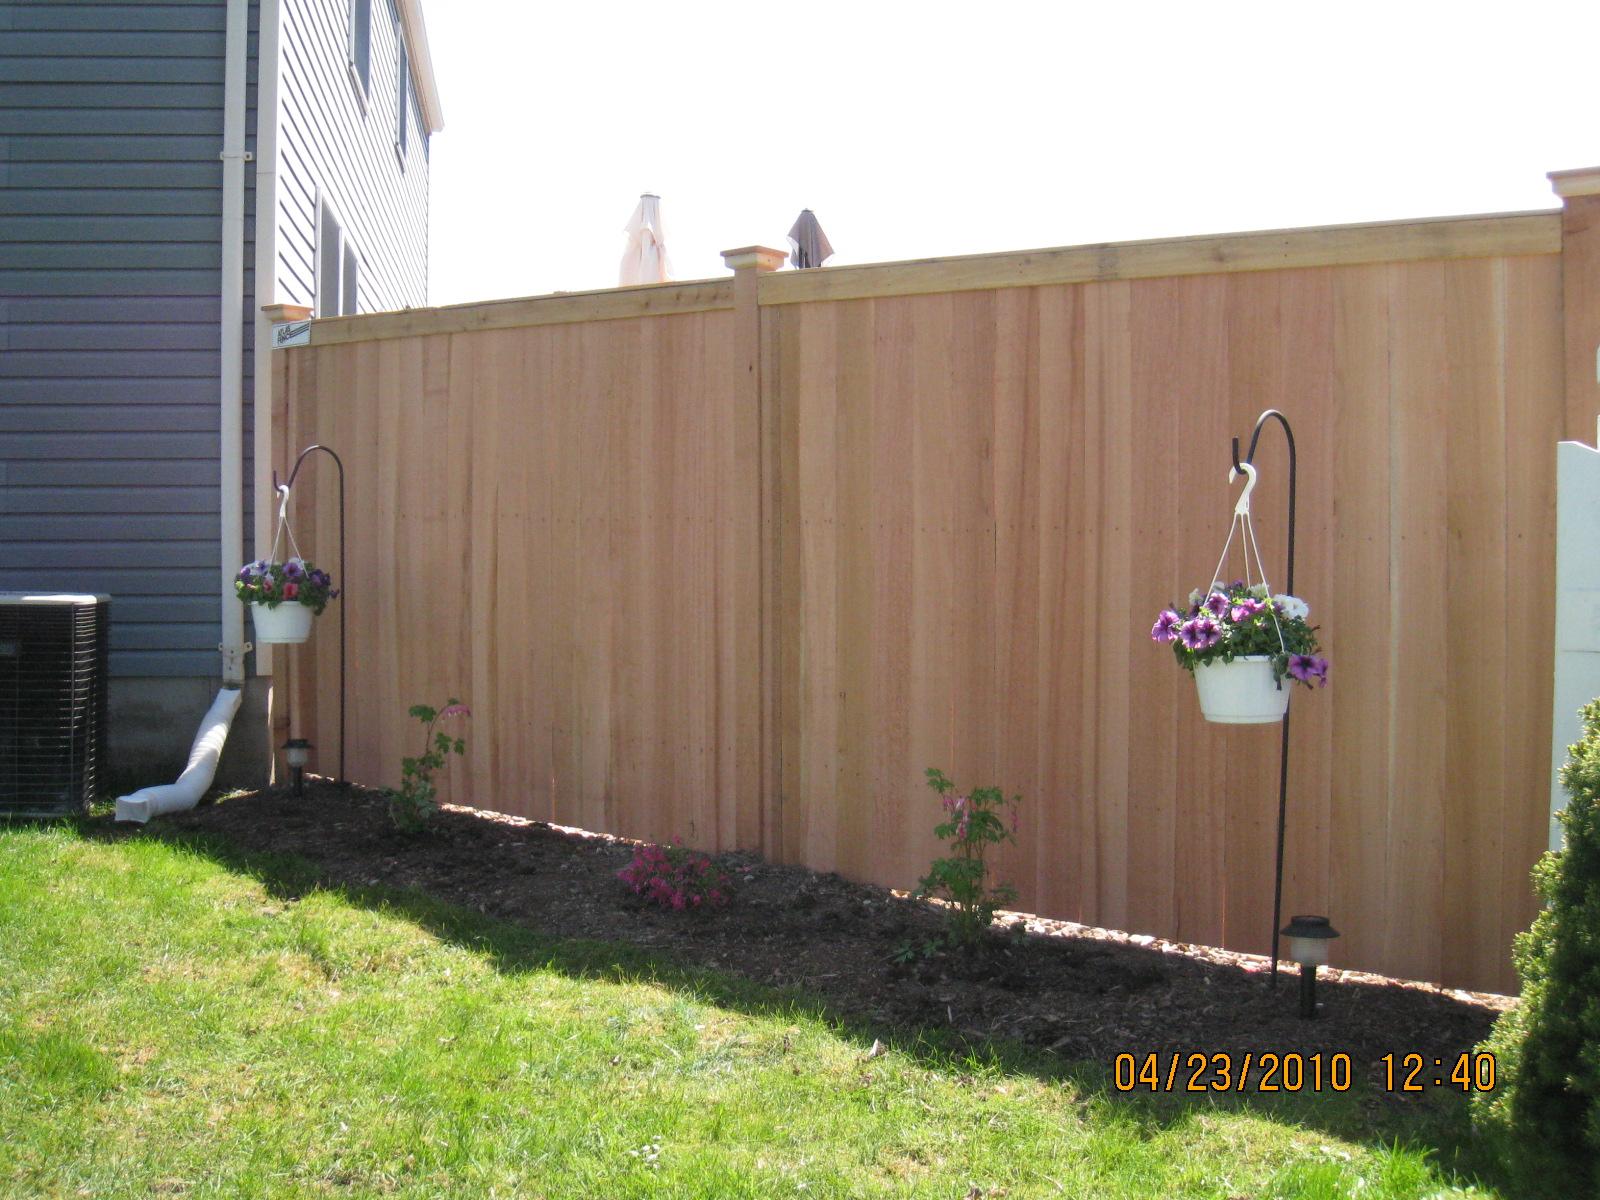 Atlas Fence East Syracuse Ny 13057 Angies List